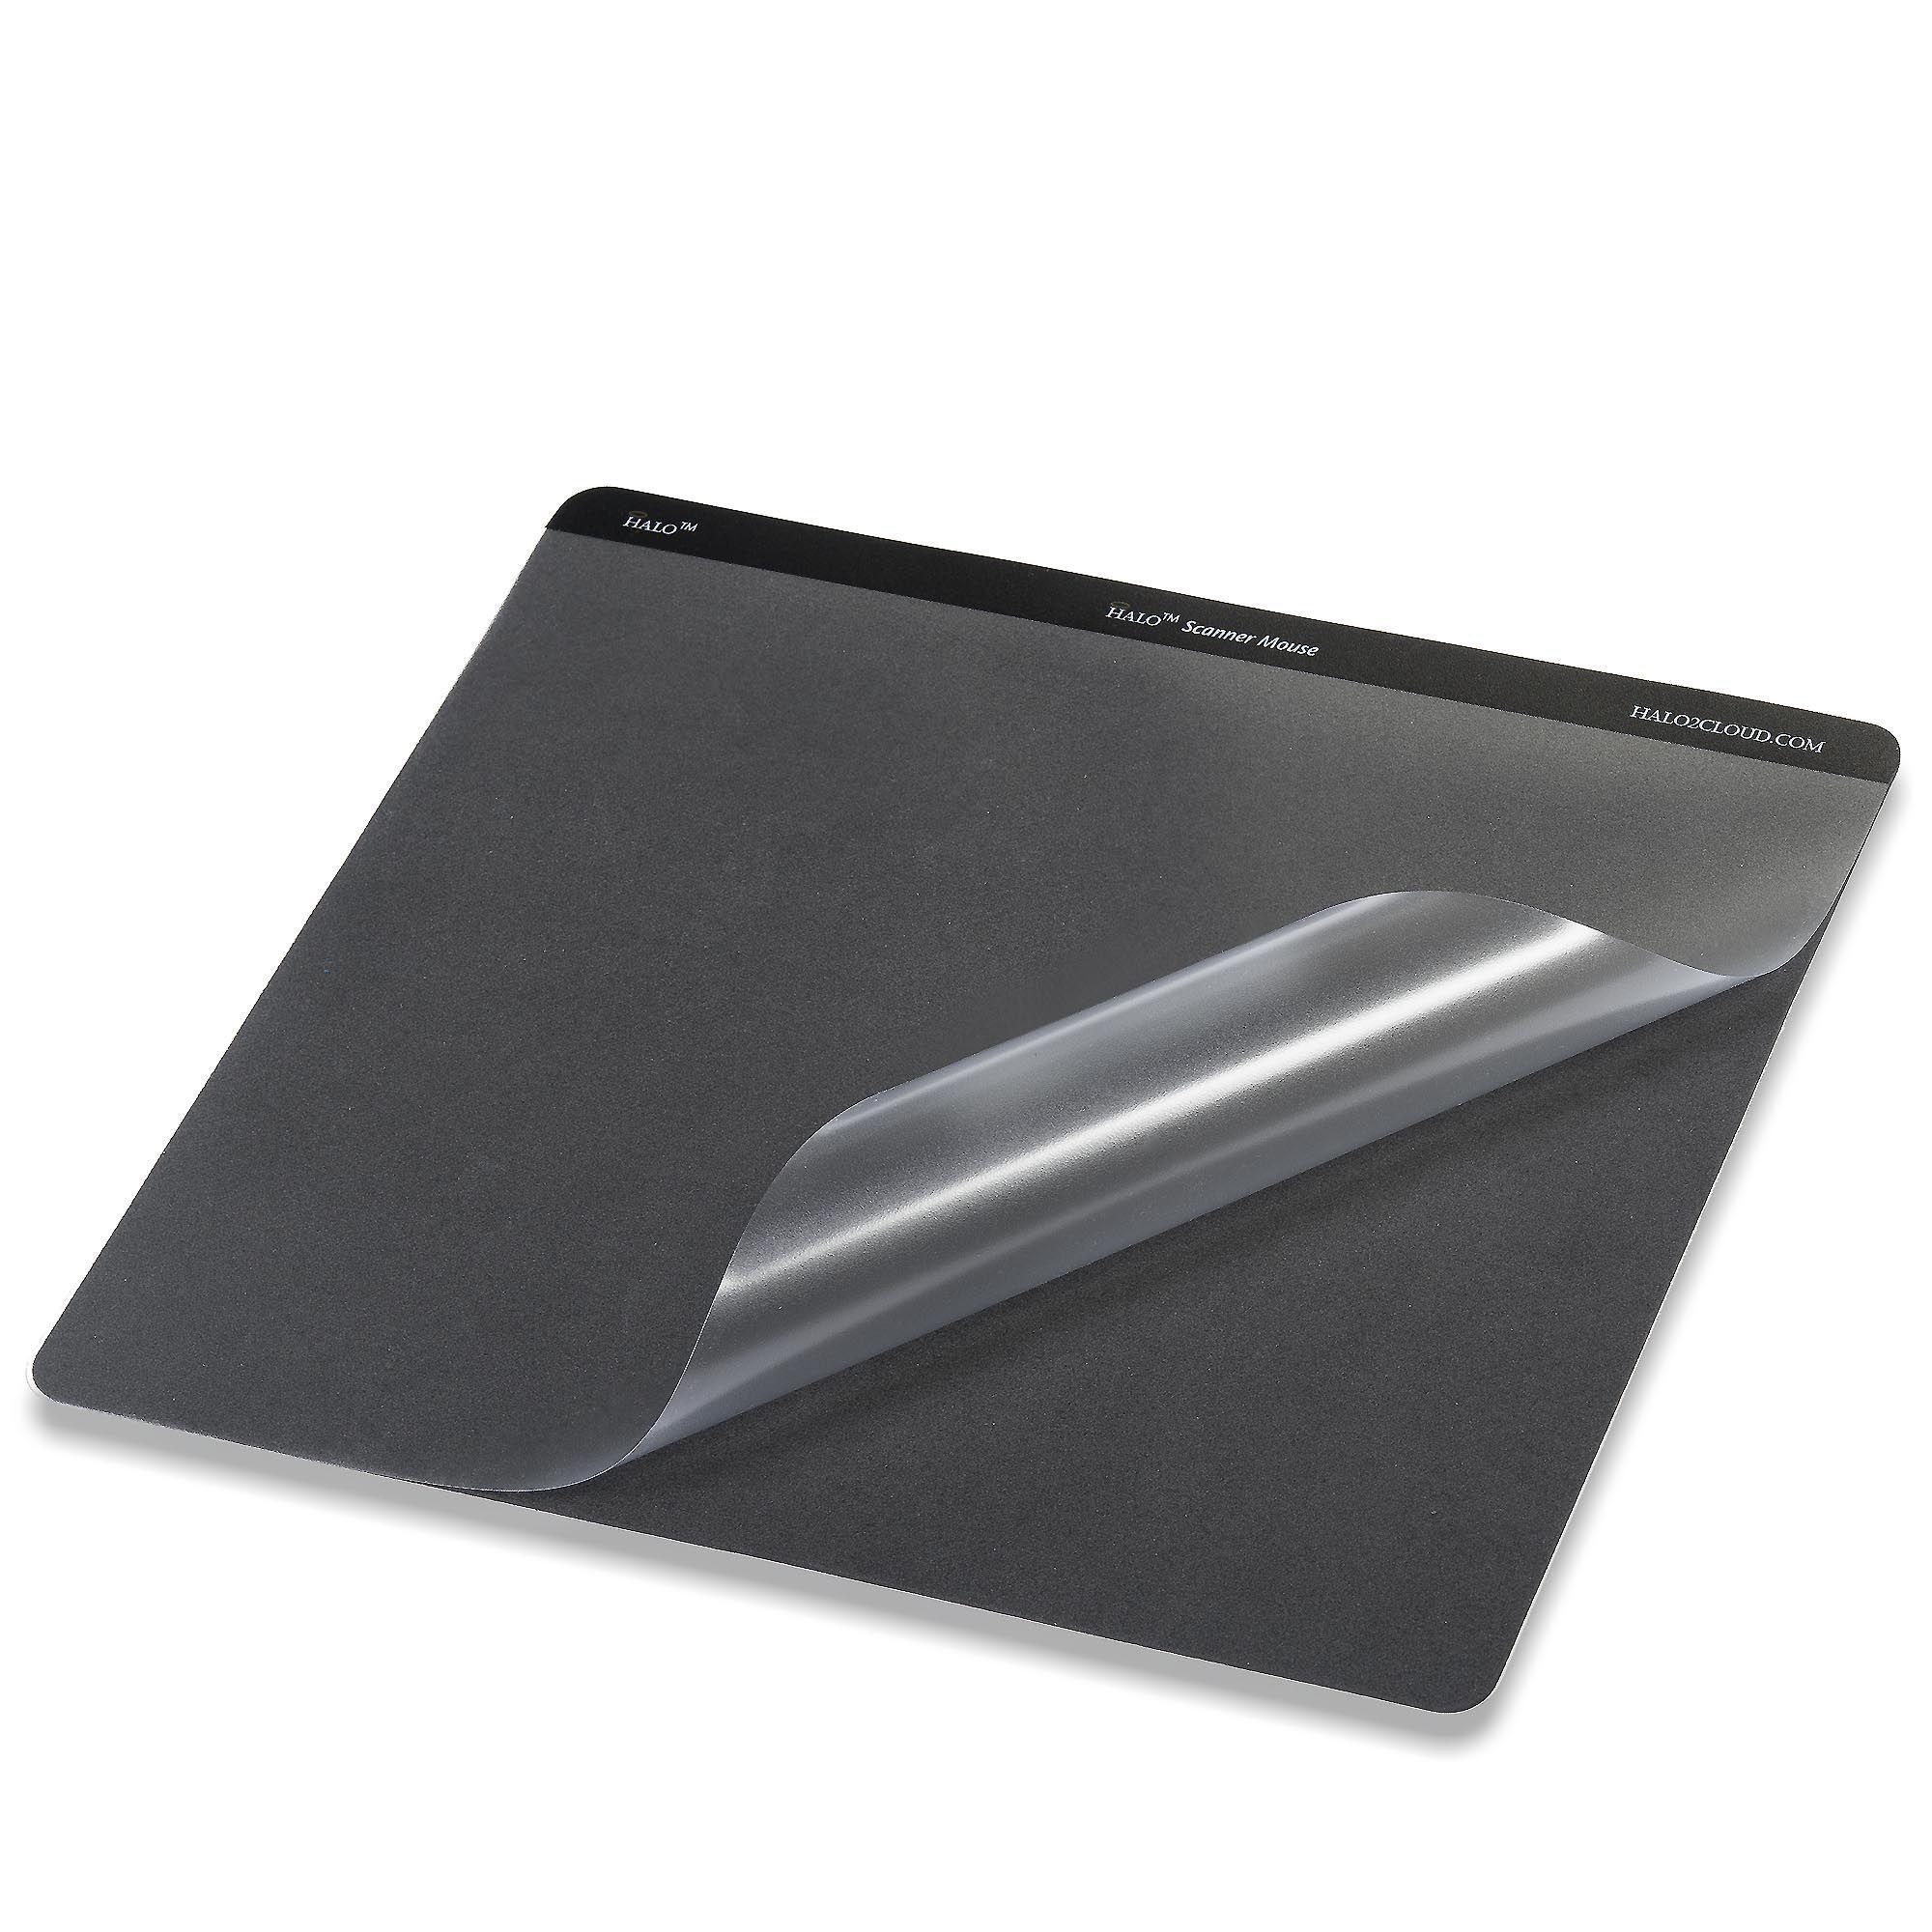 Halo Mouse pad tappetino per scannerizzare documenti